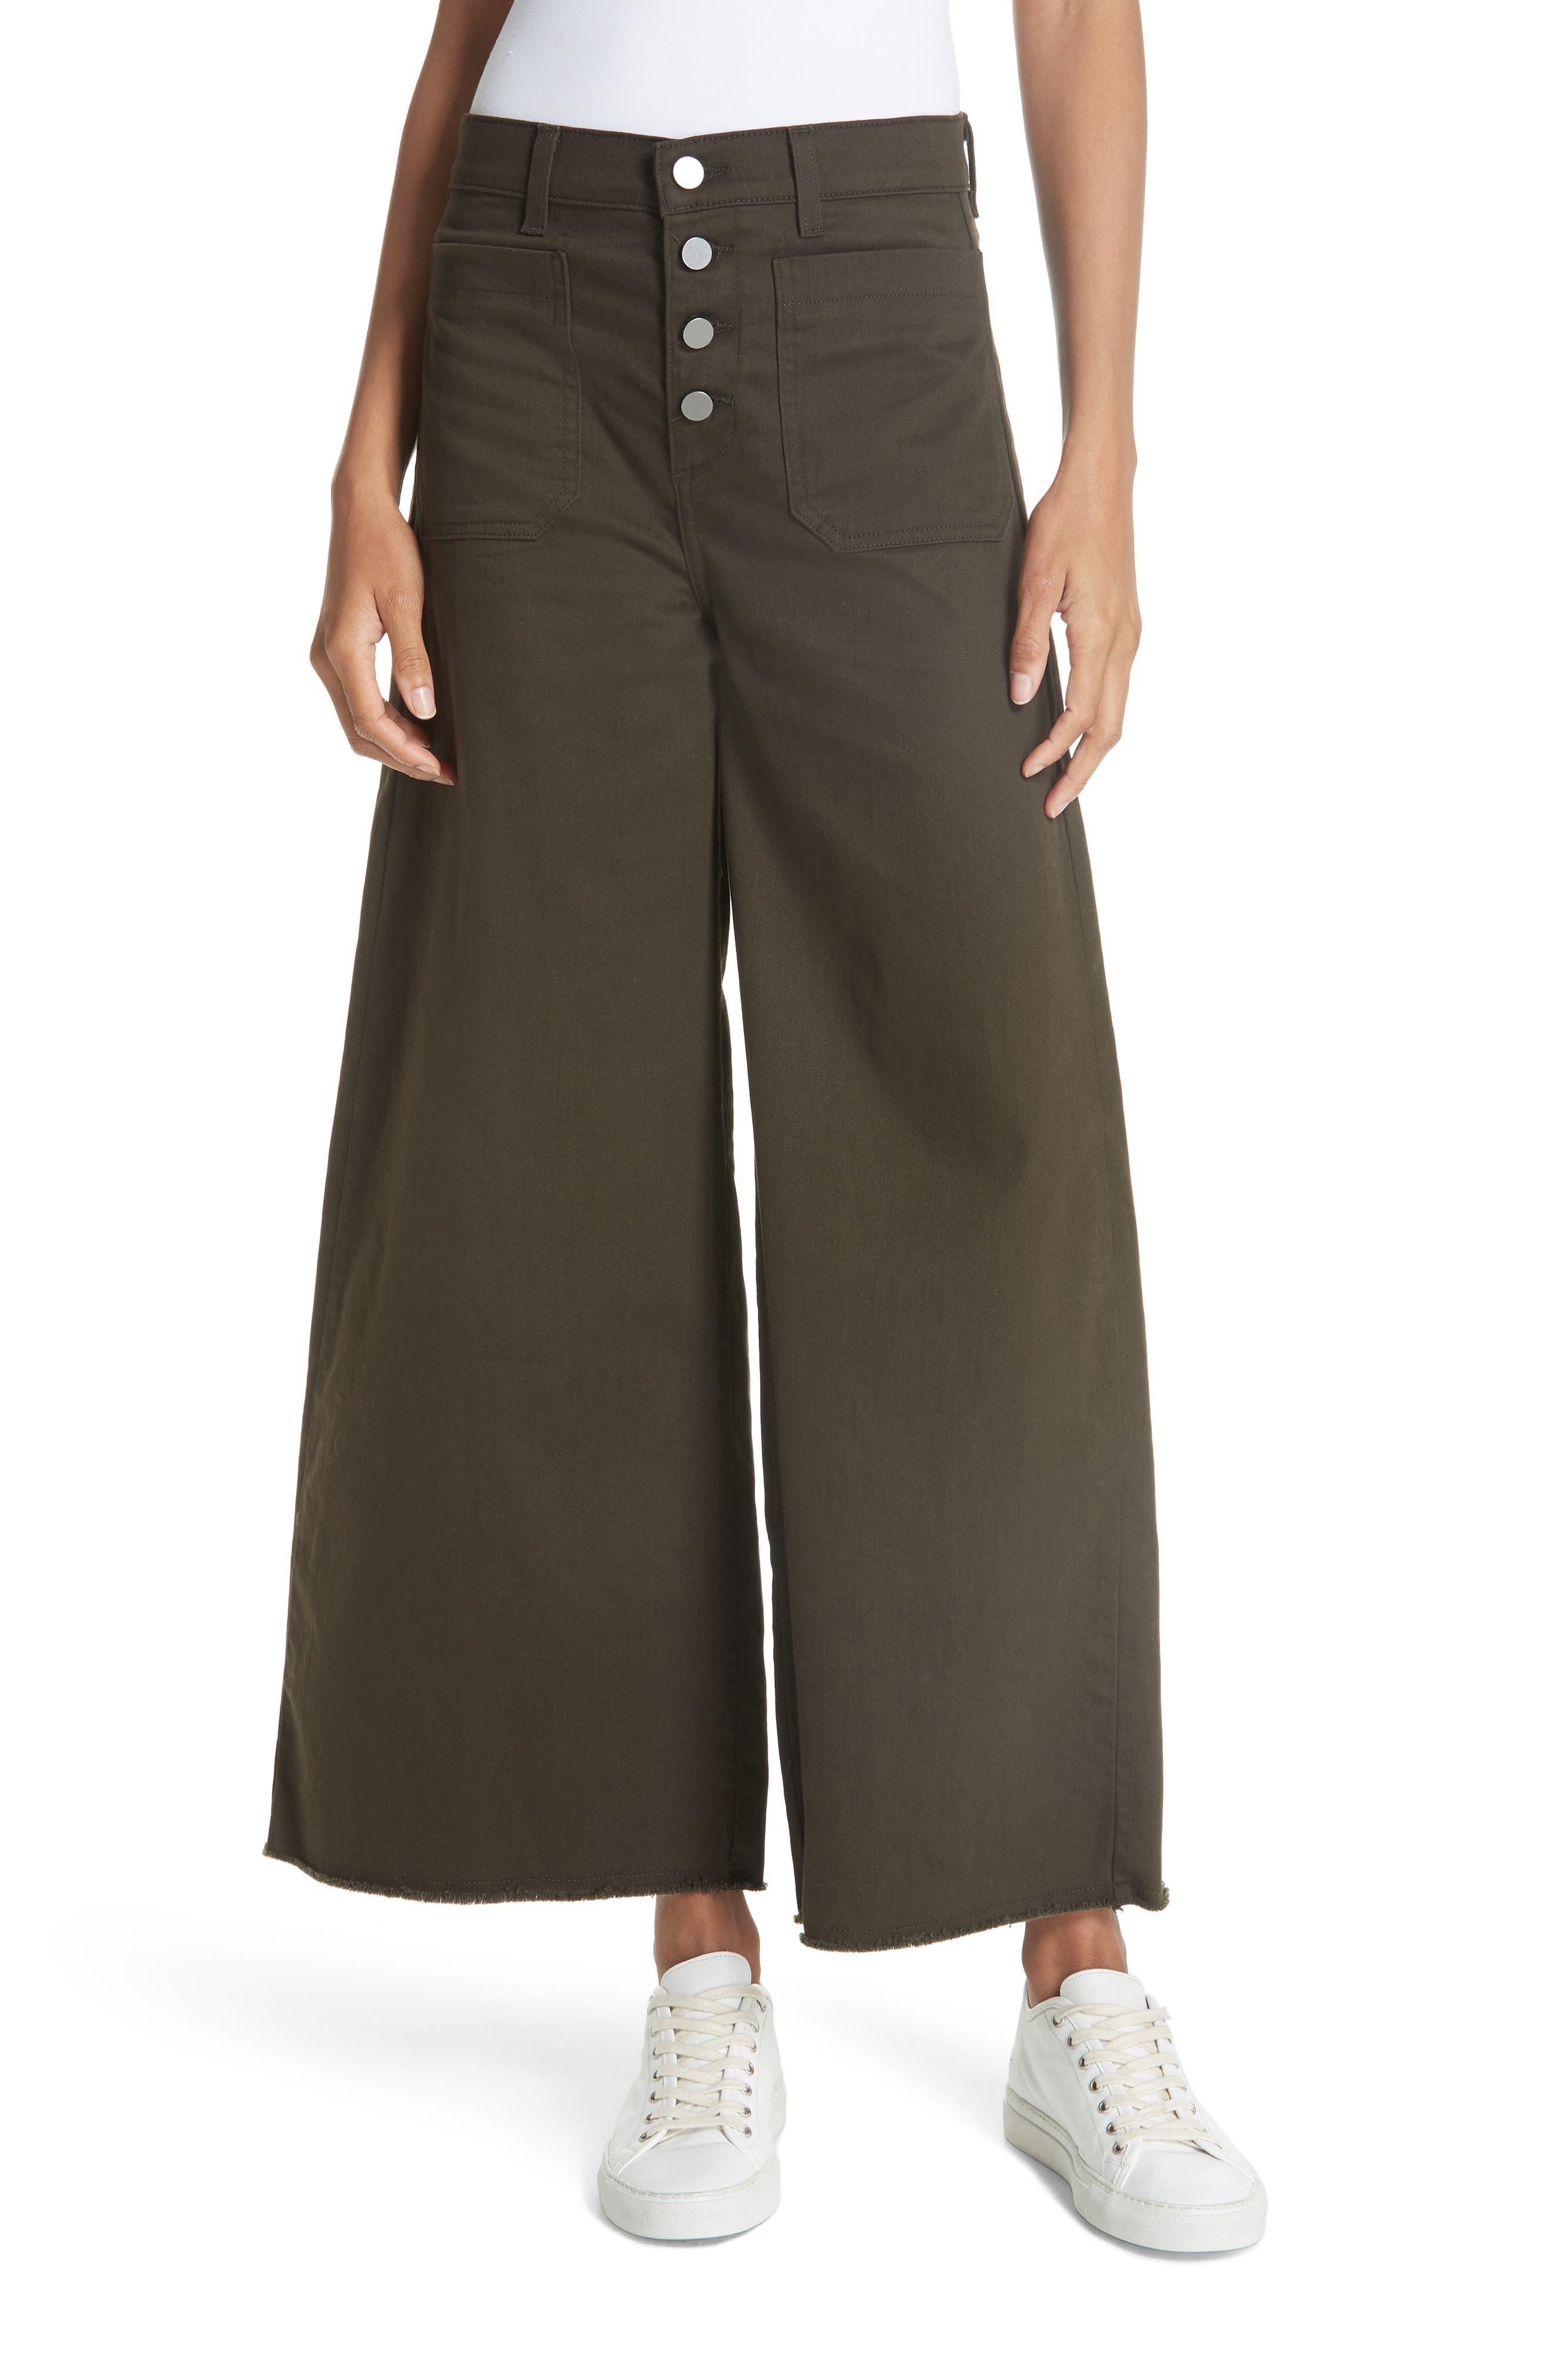 Carmine High Waist Wide Leg Crop Jeans,                         Main,                         color, COMBAT